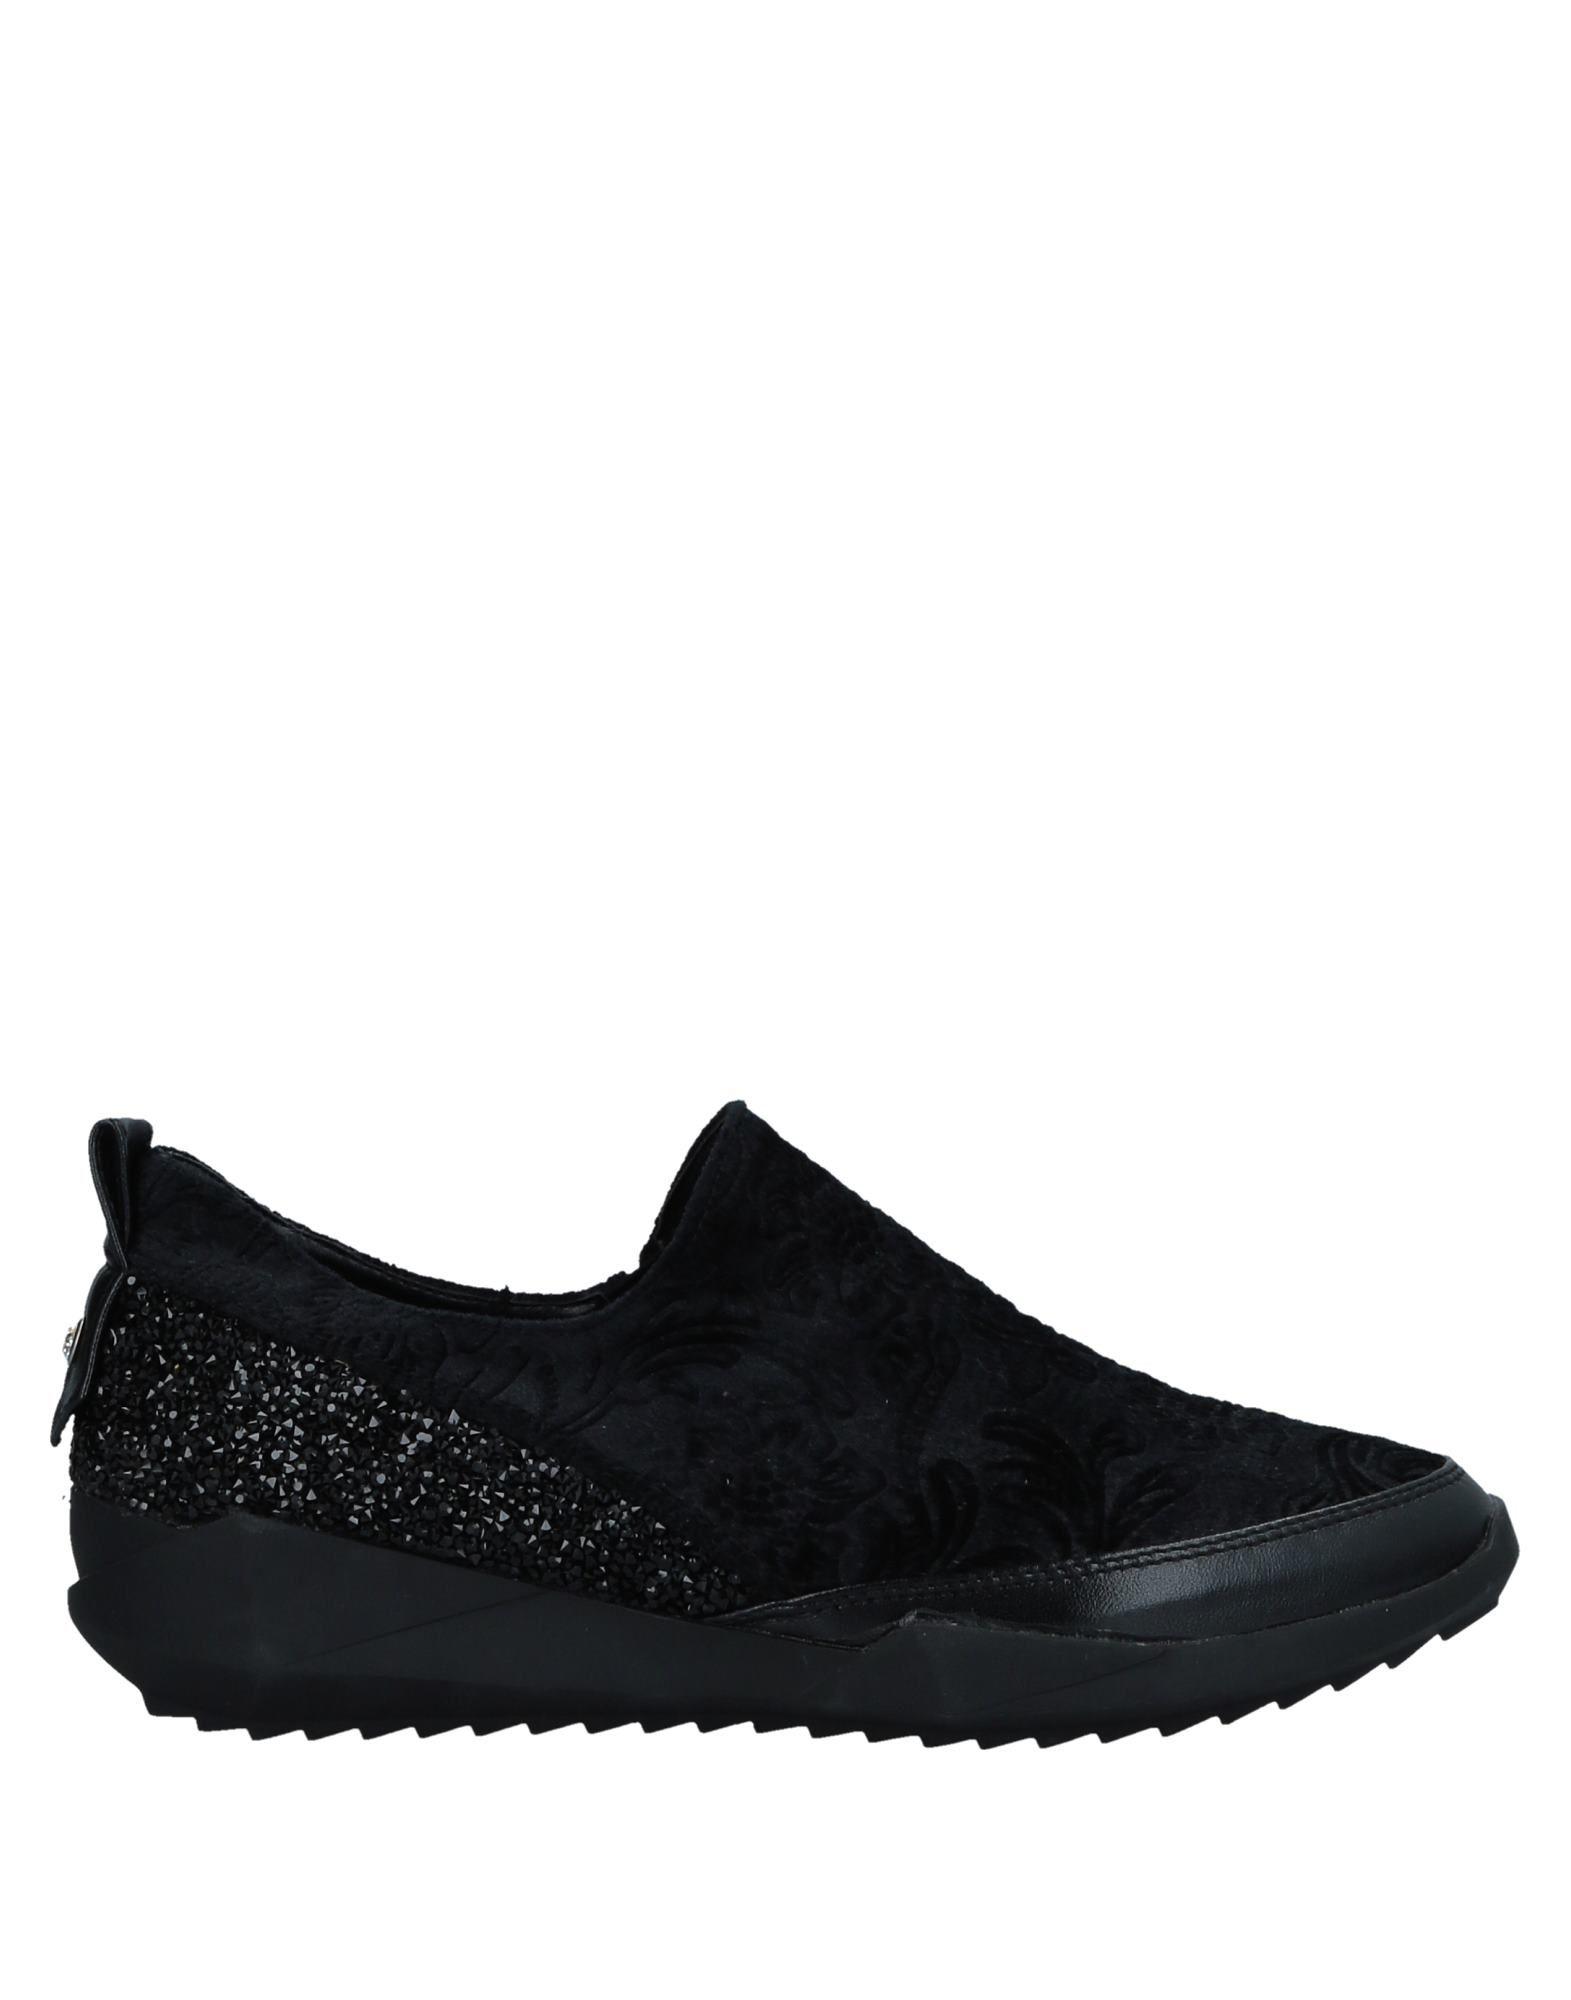 Scarpe economiche e resistenti Sneakers Onako' Donna - 11526194LH